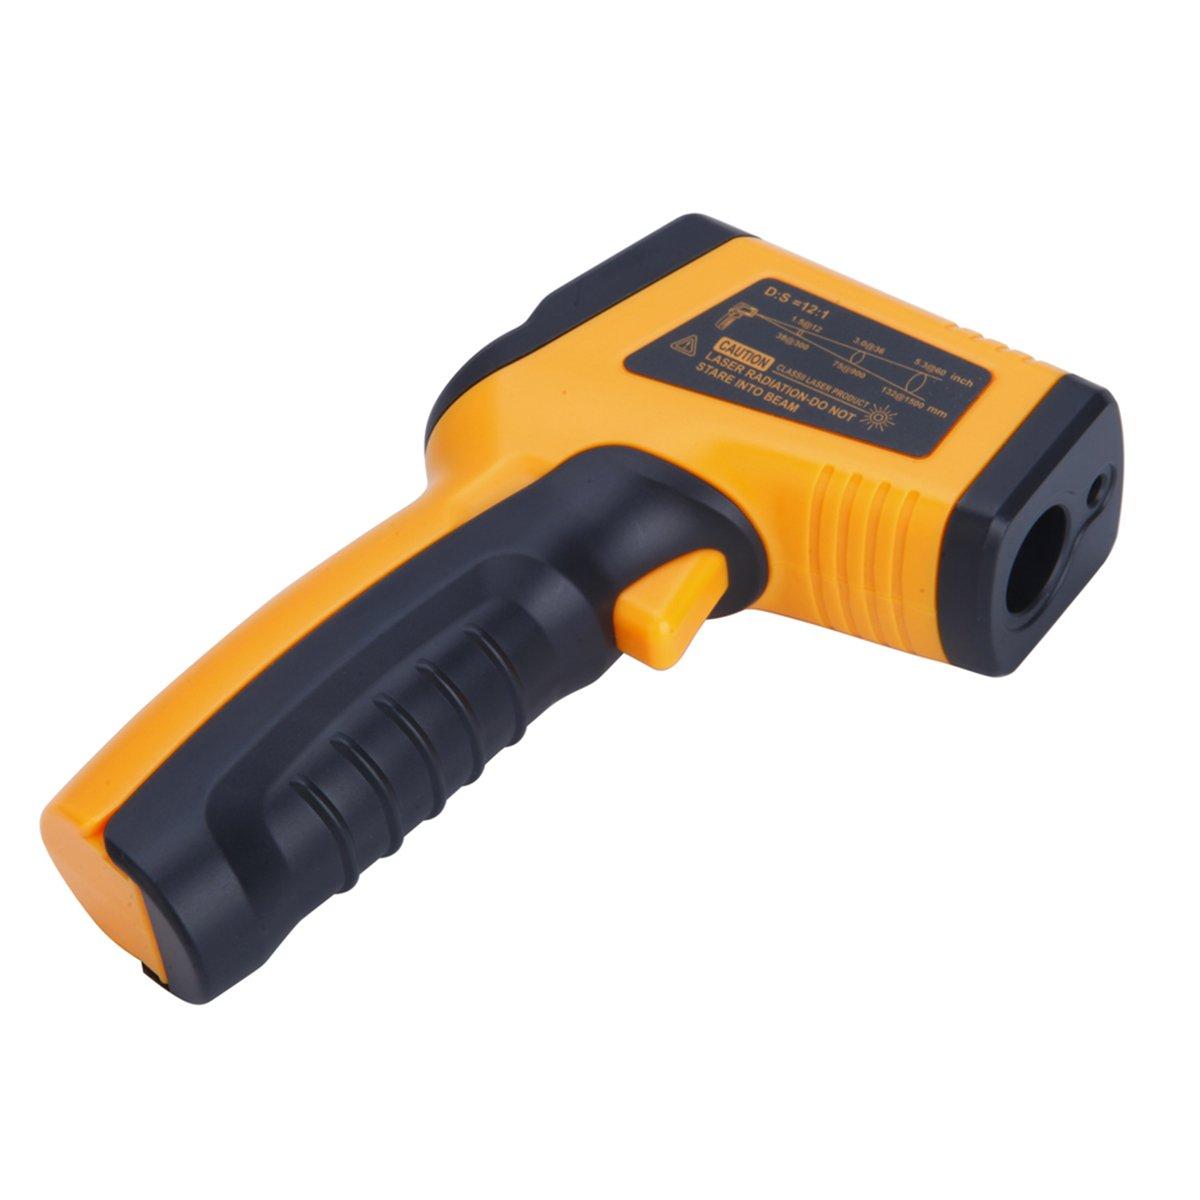 UEETEK Thermom/ètre num/érique /à infrarouge infrarouge sans contact professionnel /à point laser avec batterie